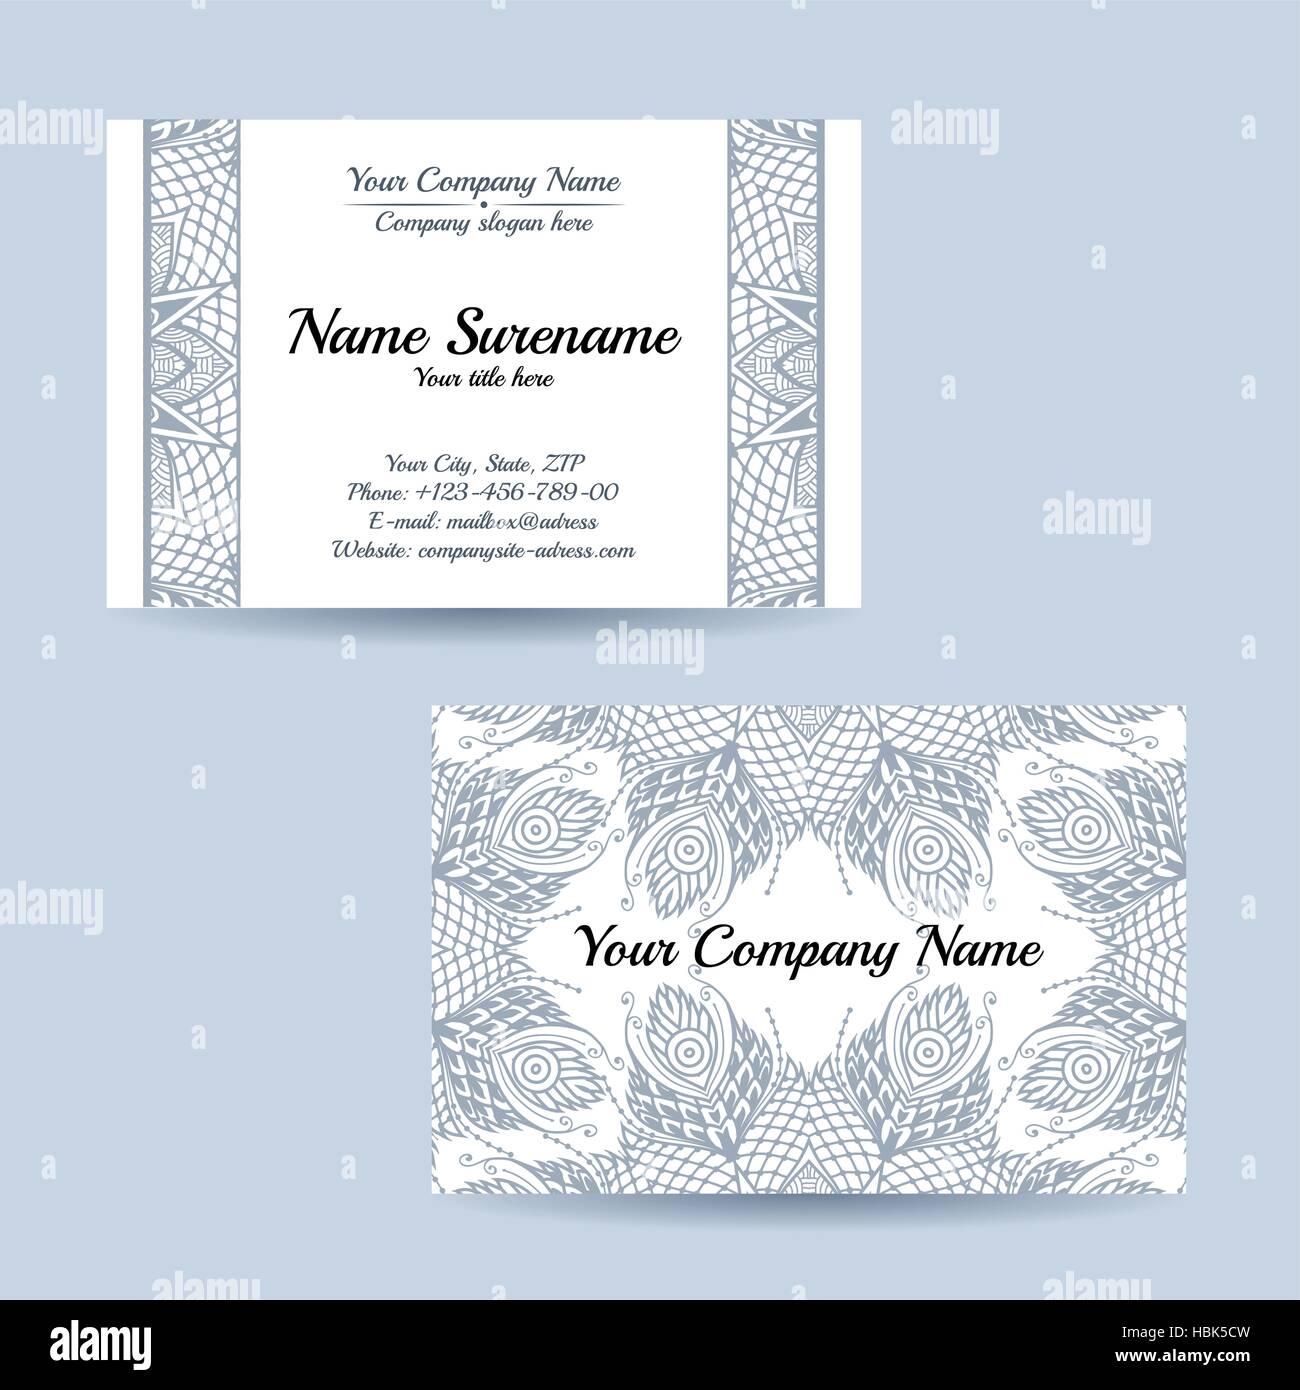 Carte De Visite Recto Verso Avec Un Motif Floral Tribal Vector Illustration Modle Pour Votre Entreprise Vintage Ornament Couleur Lgre Sur White